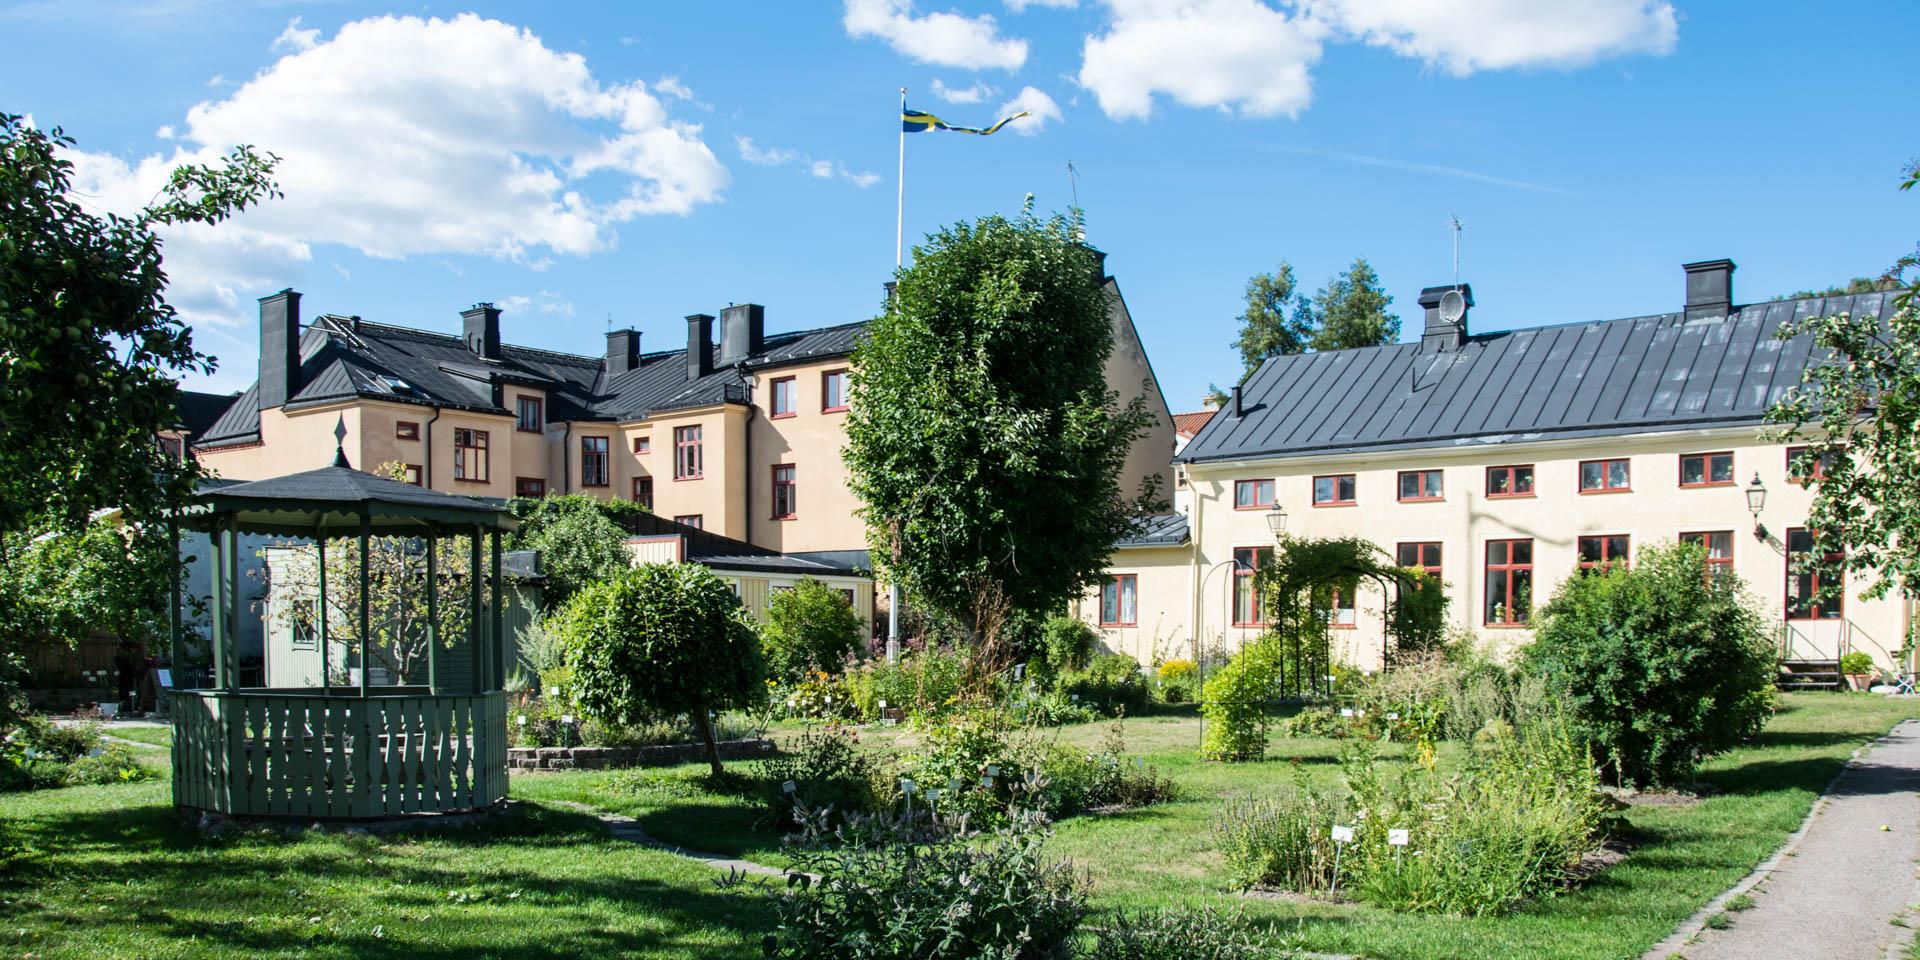 Örtagården i Söderköping 2018